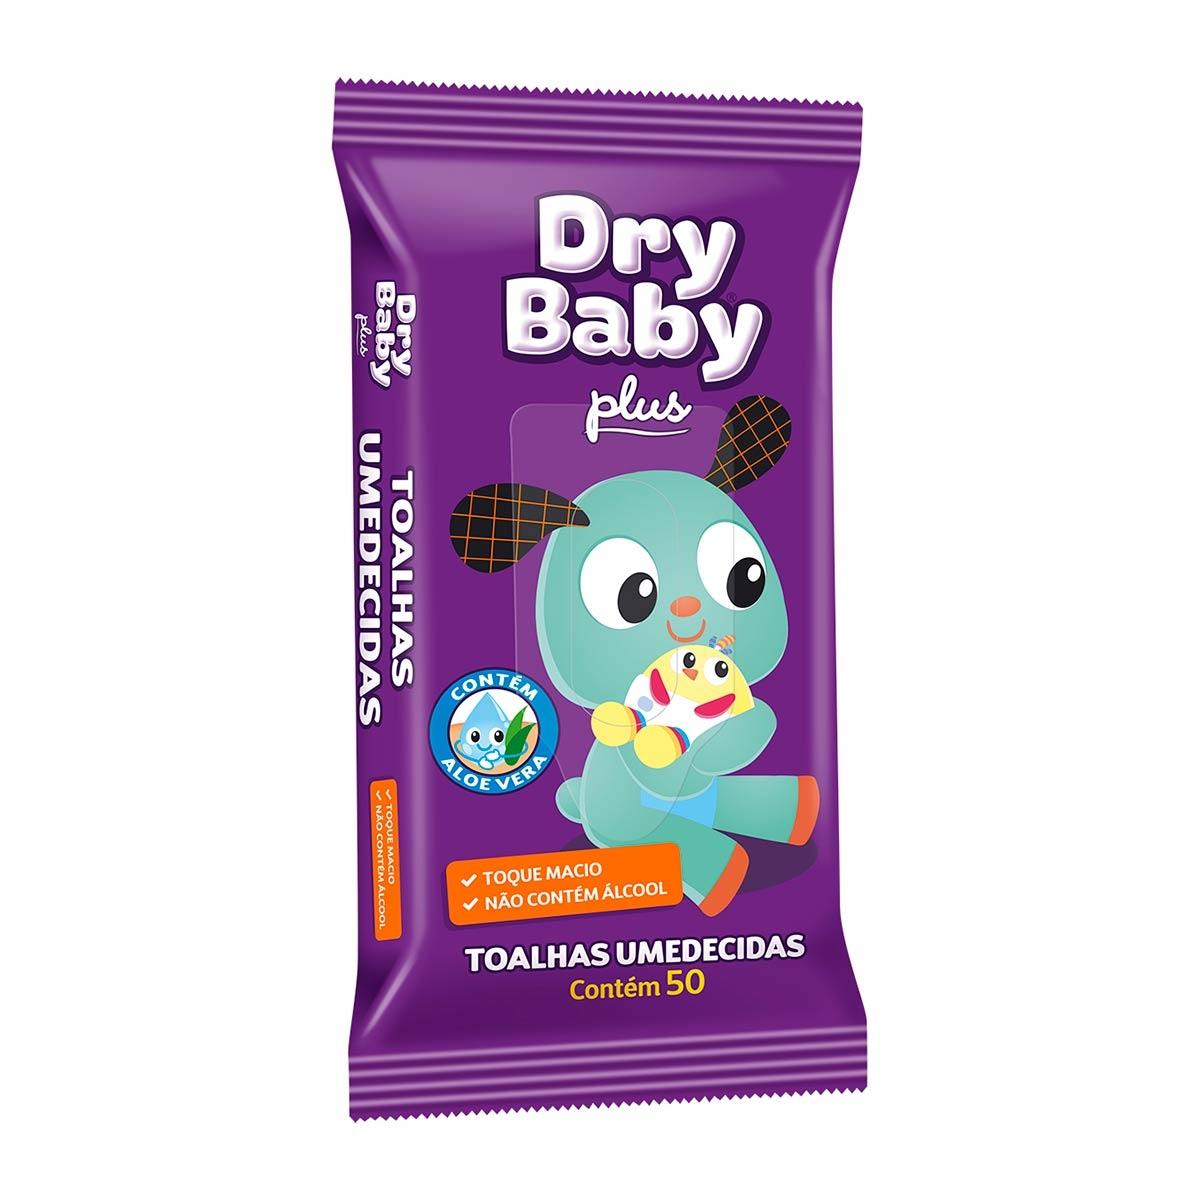 Toalhas Umedecidas Dry Baby Plus com 50 Unidades 50 Unidades